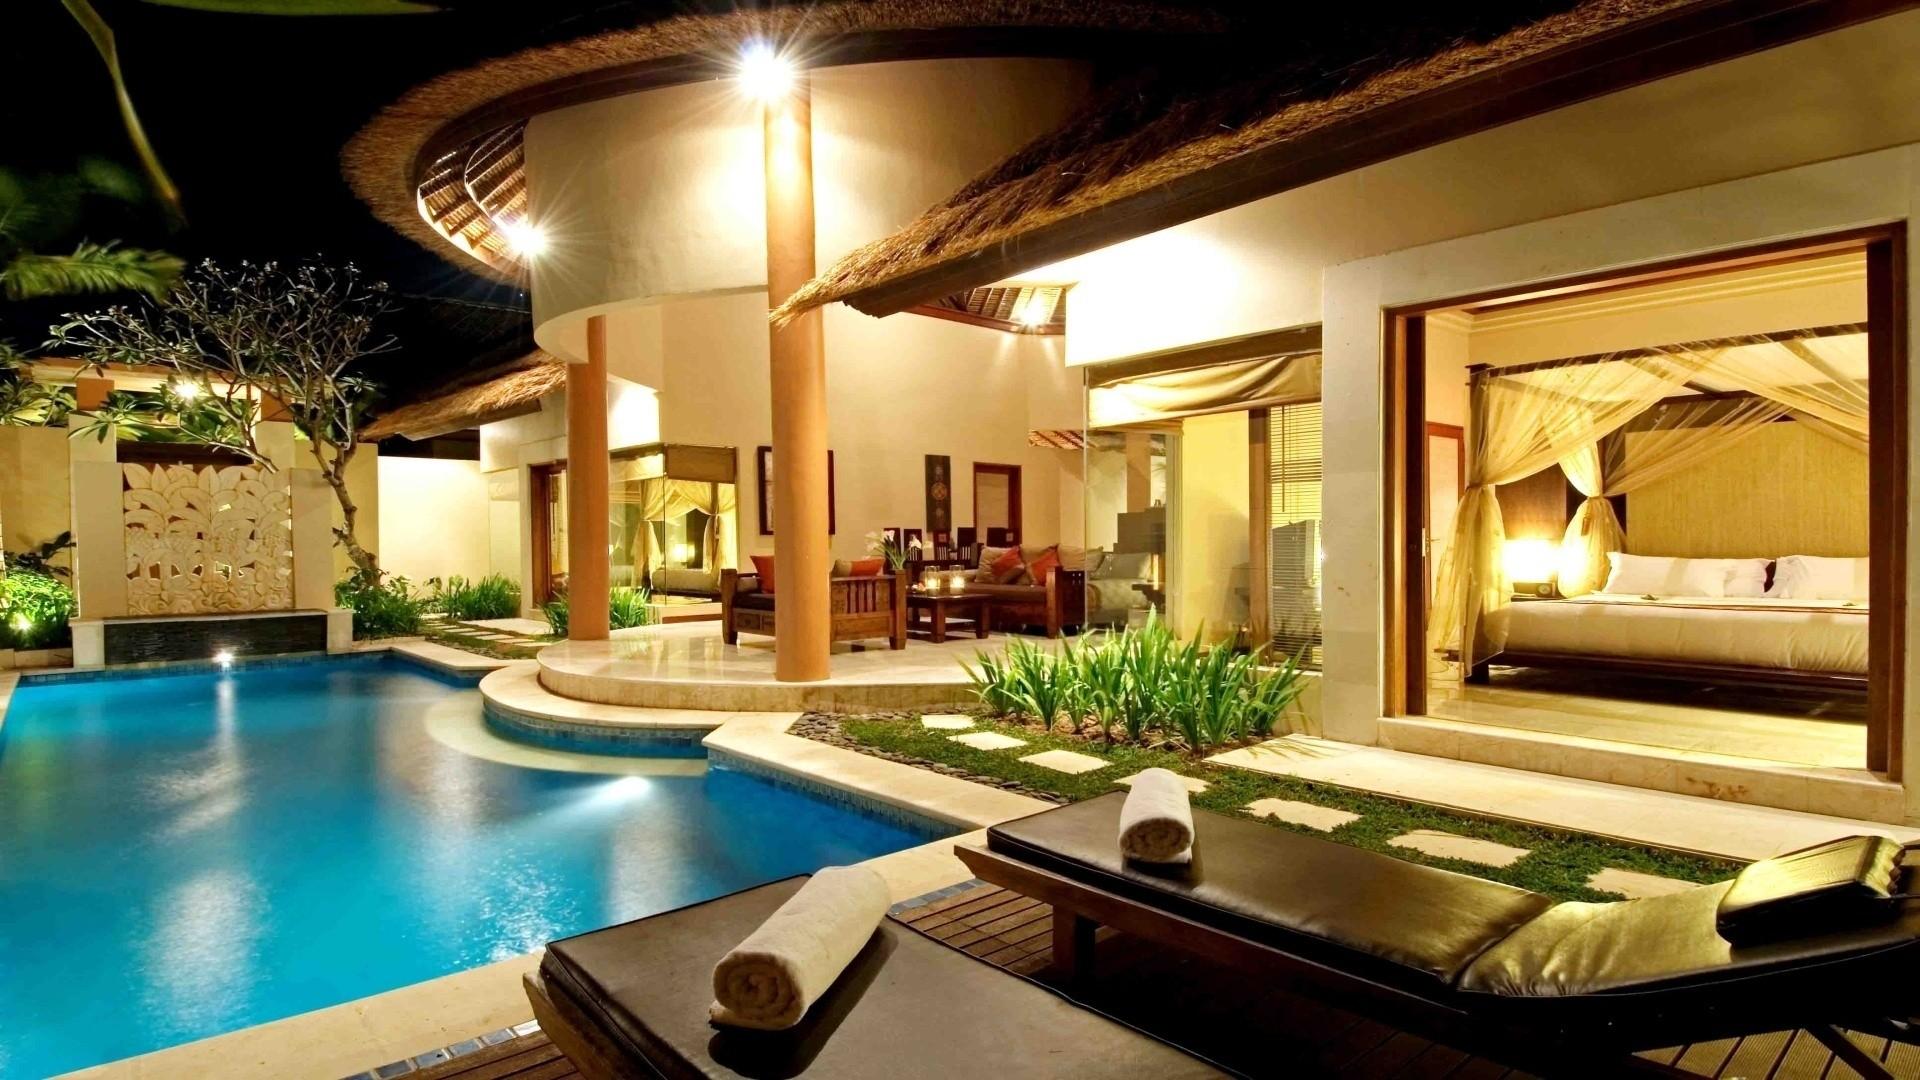 У красивого бассейна у отель обои скачать